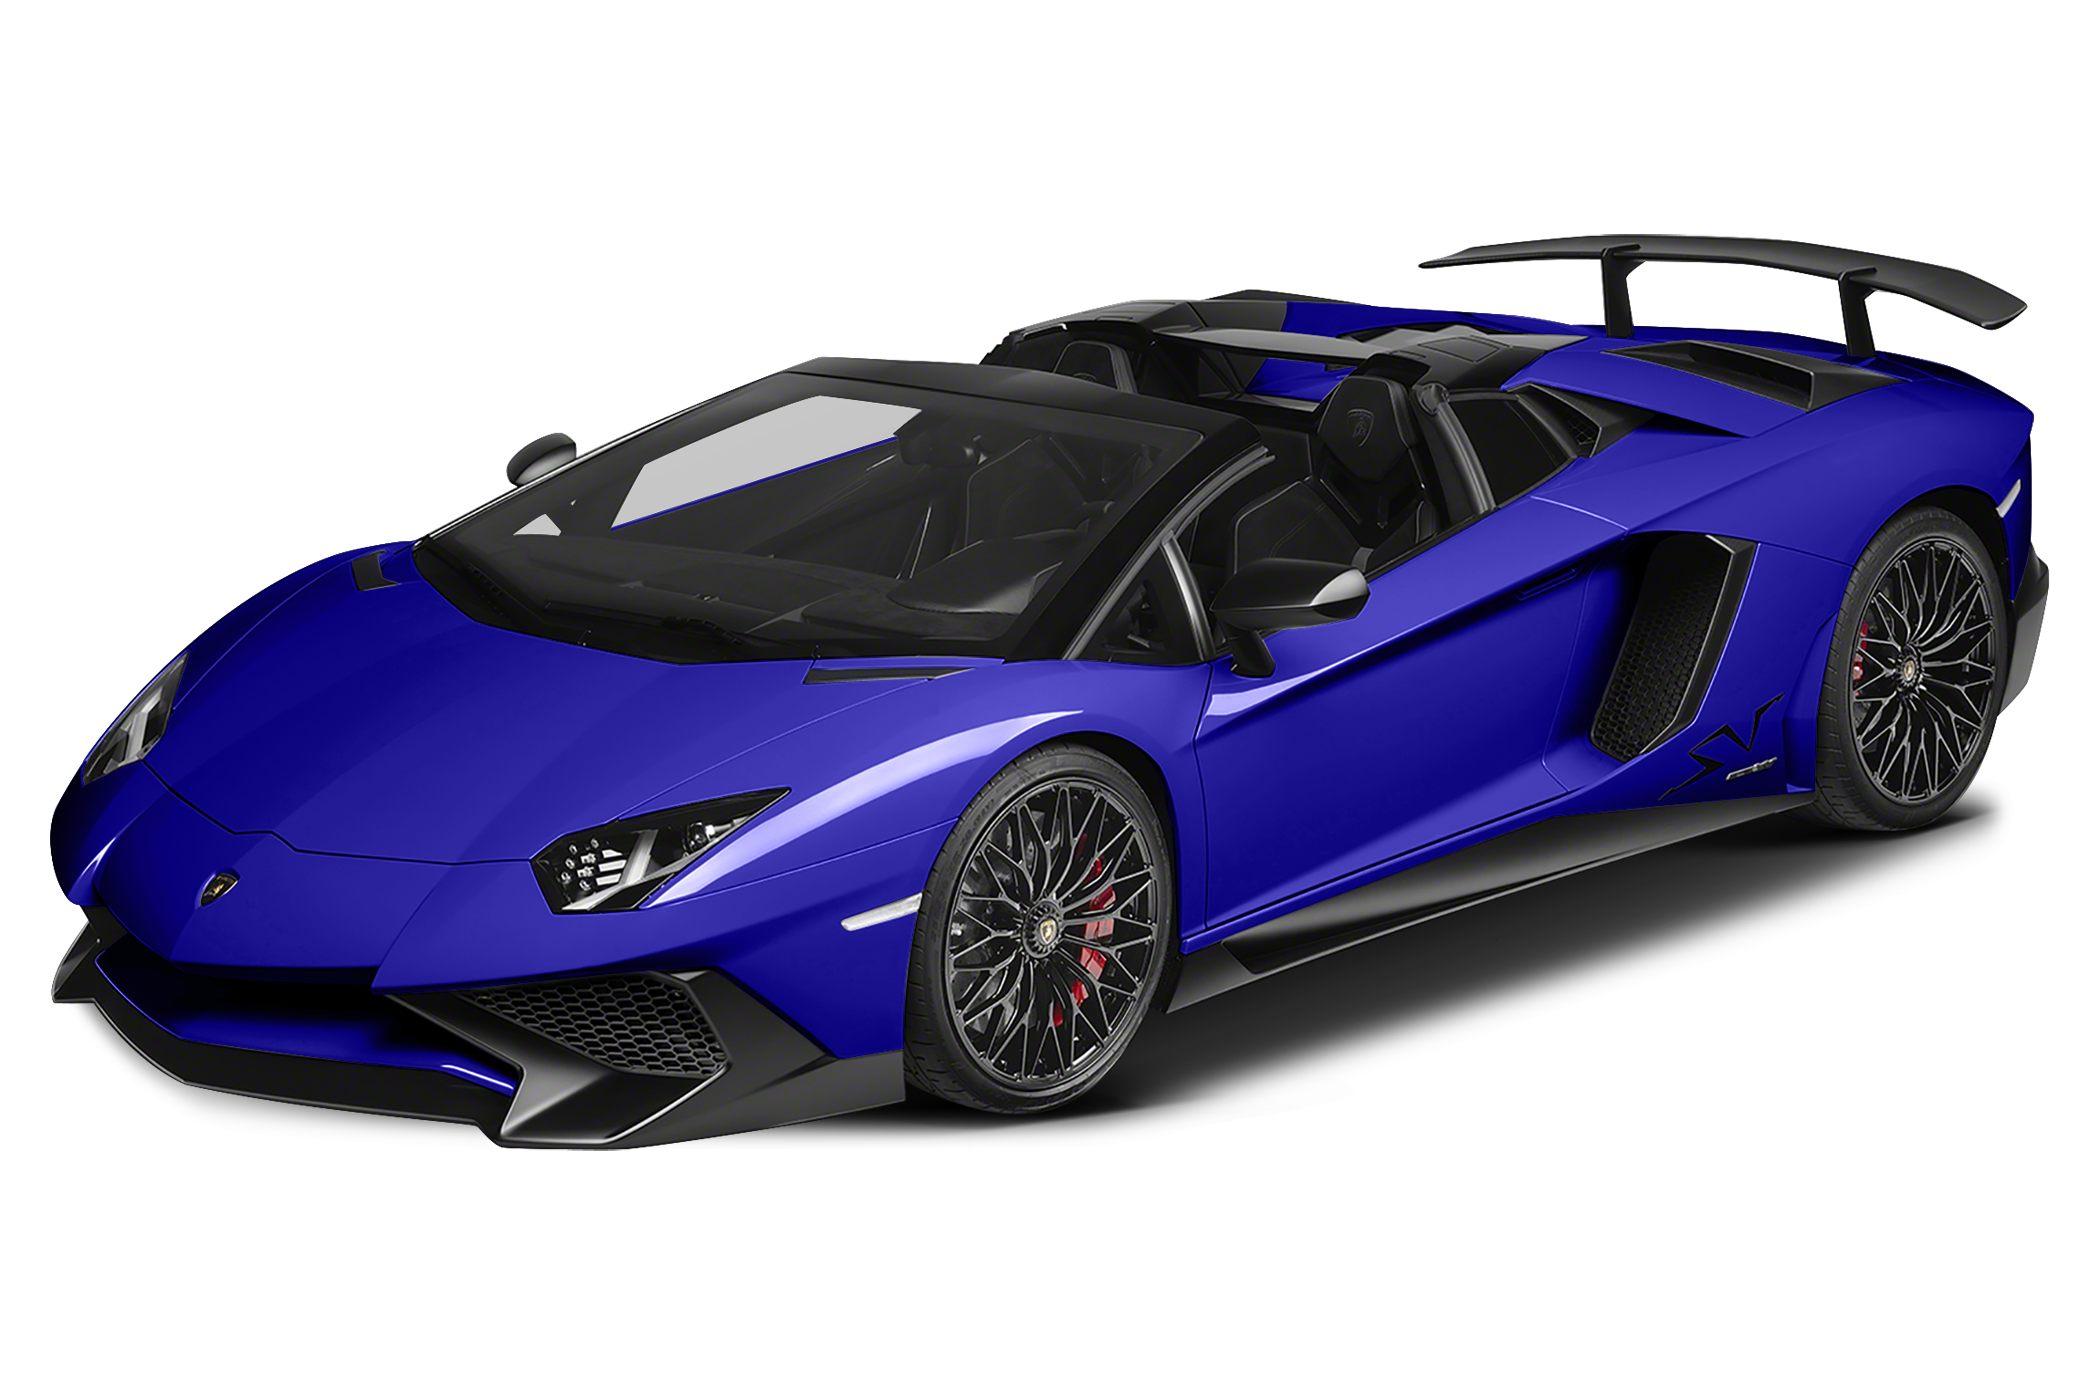 2016 Lamborghini Aventador LP750 4 Superveloce 2dr All wheel Drive